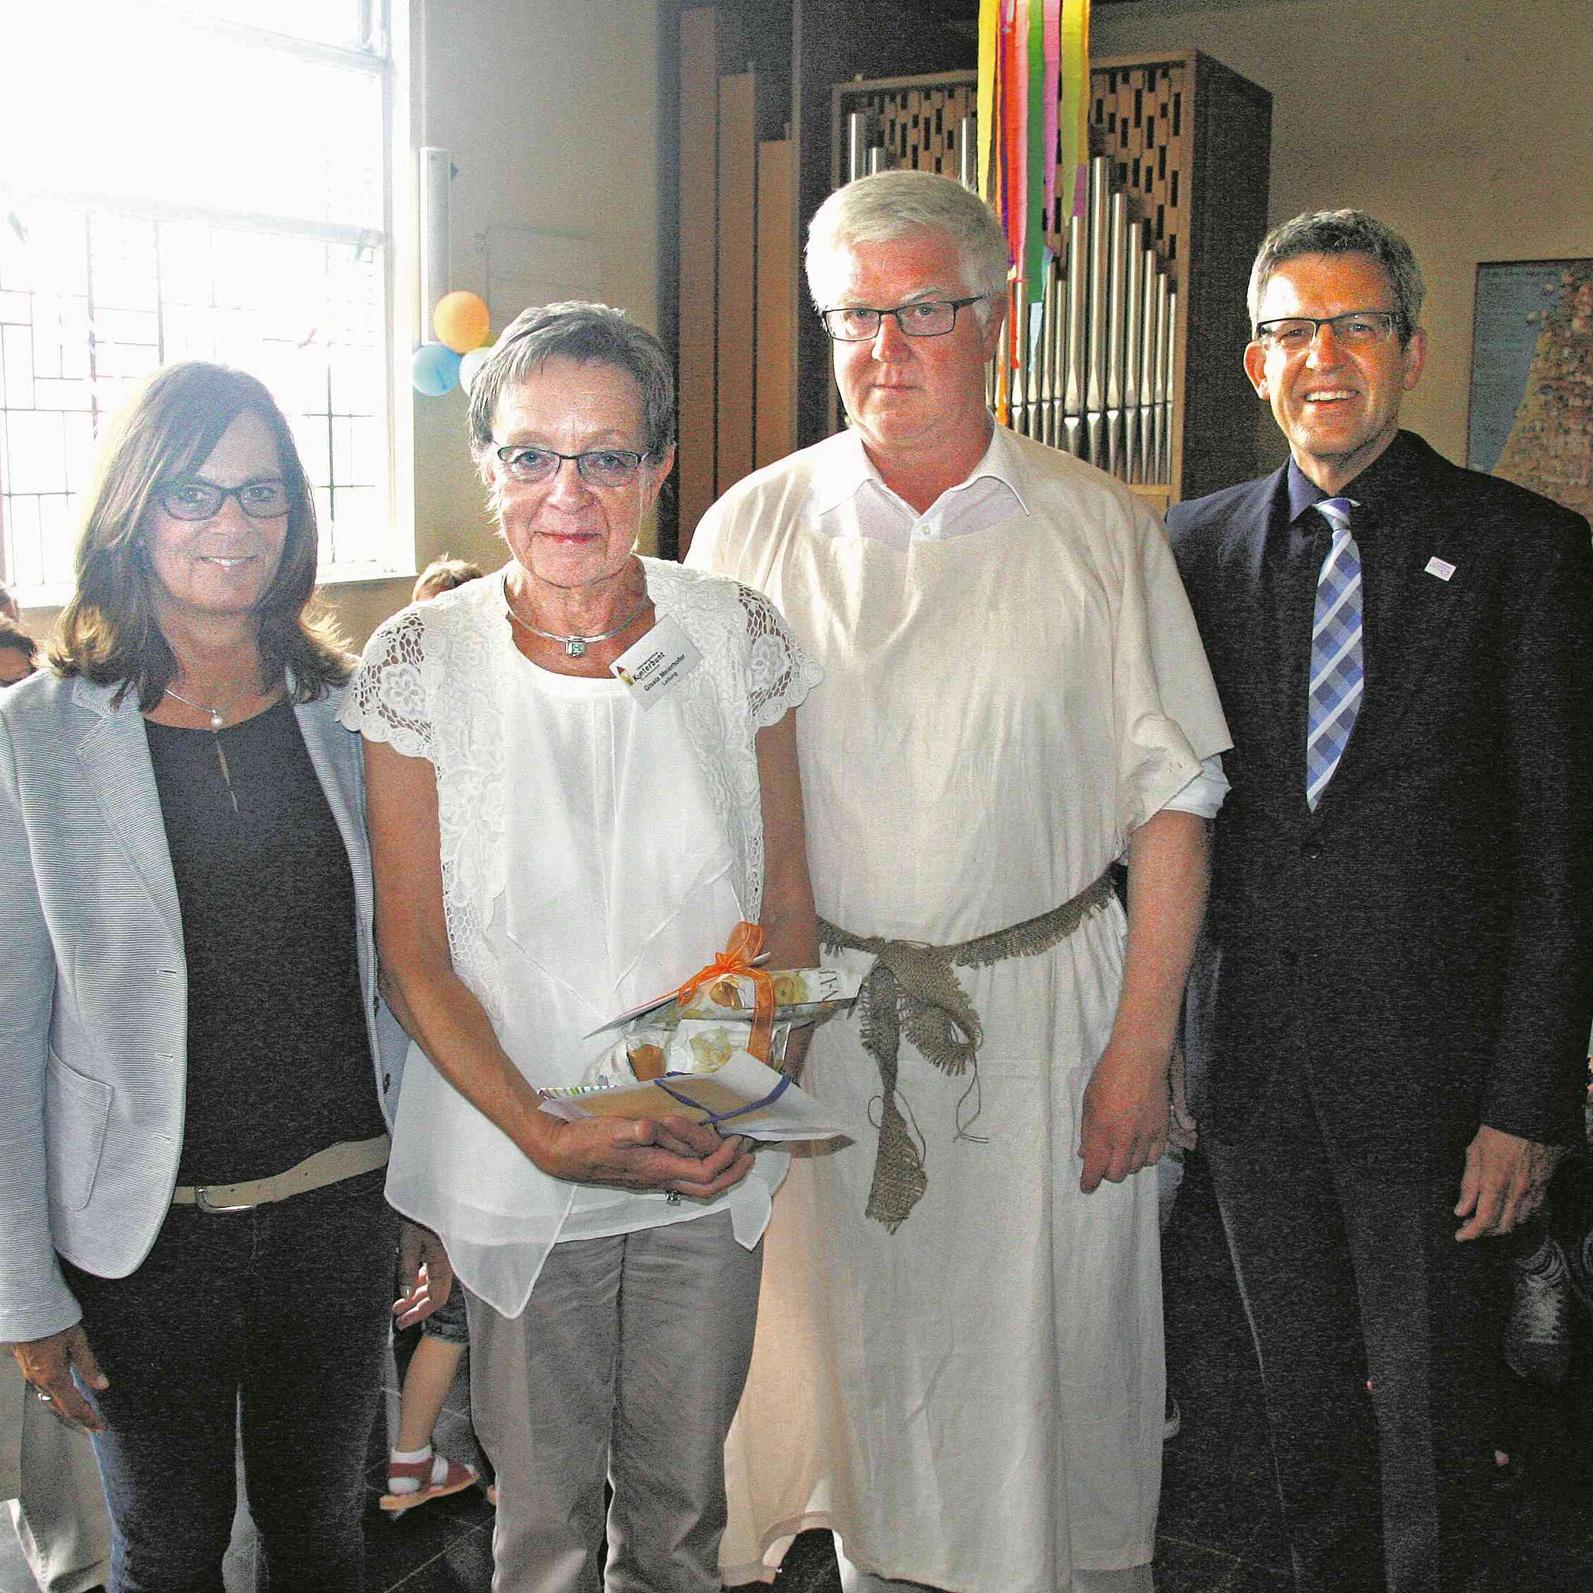 60 Jahre Kindertagesstätte Kunterbunt in Höxter Trommelwirbel zum Abschied von Gisela Meierhofer